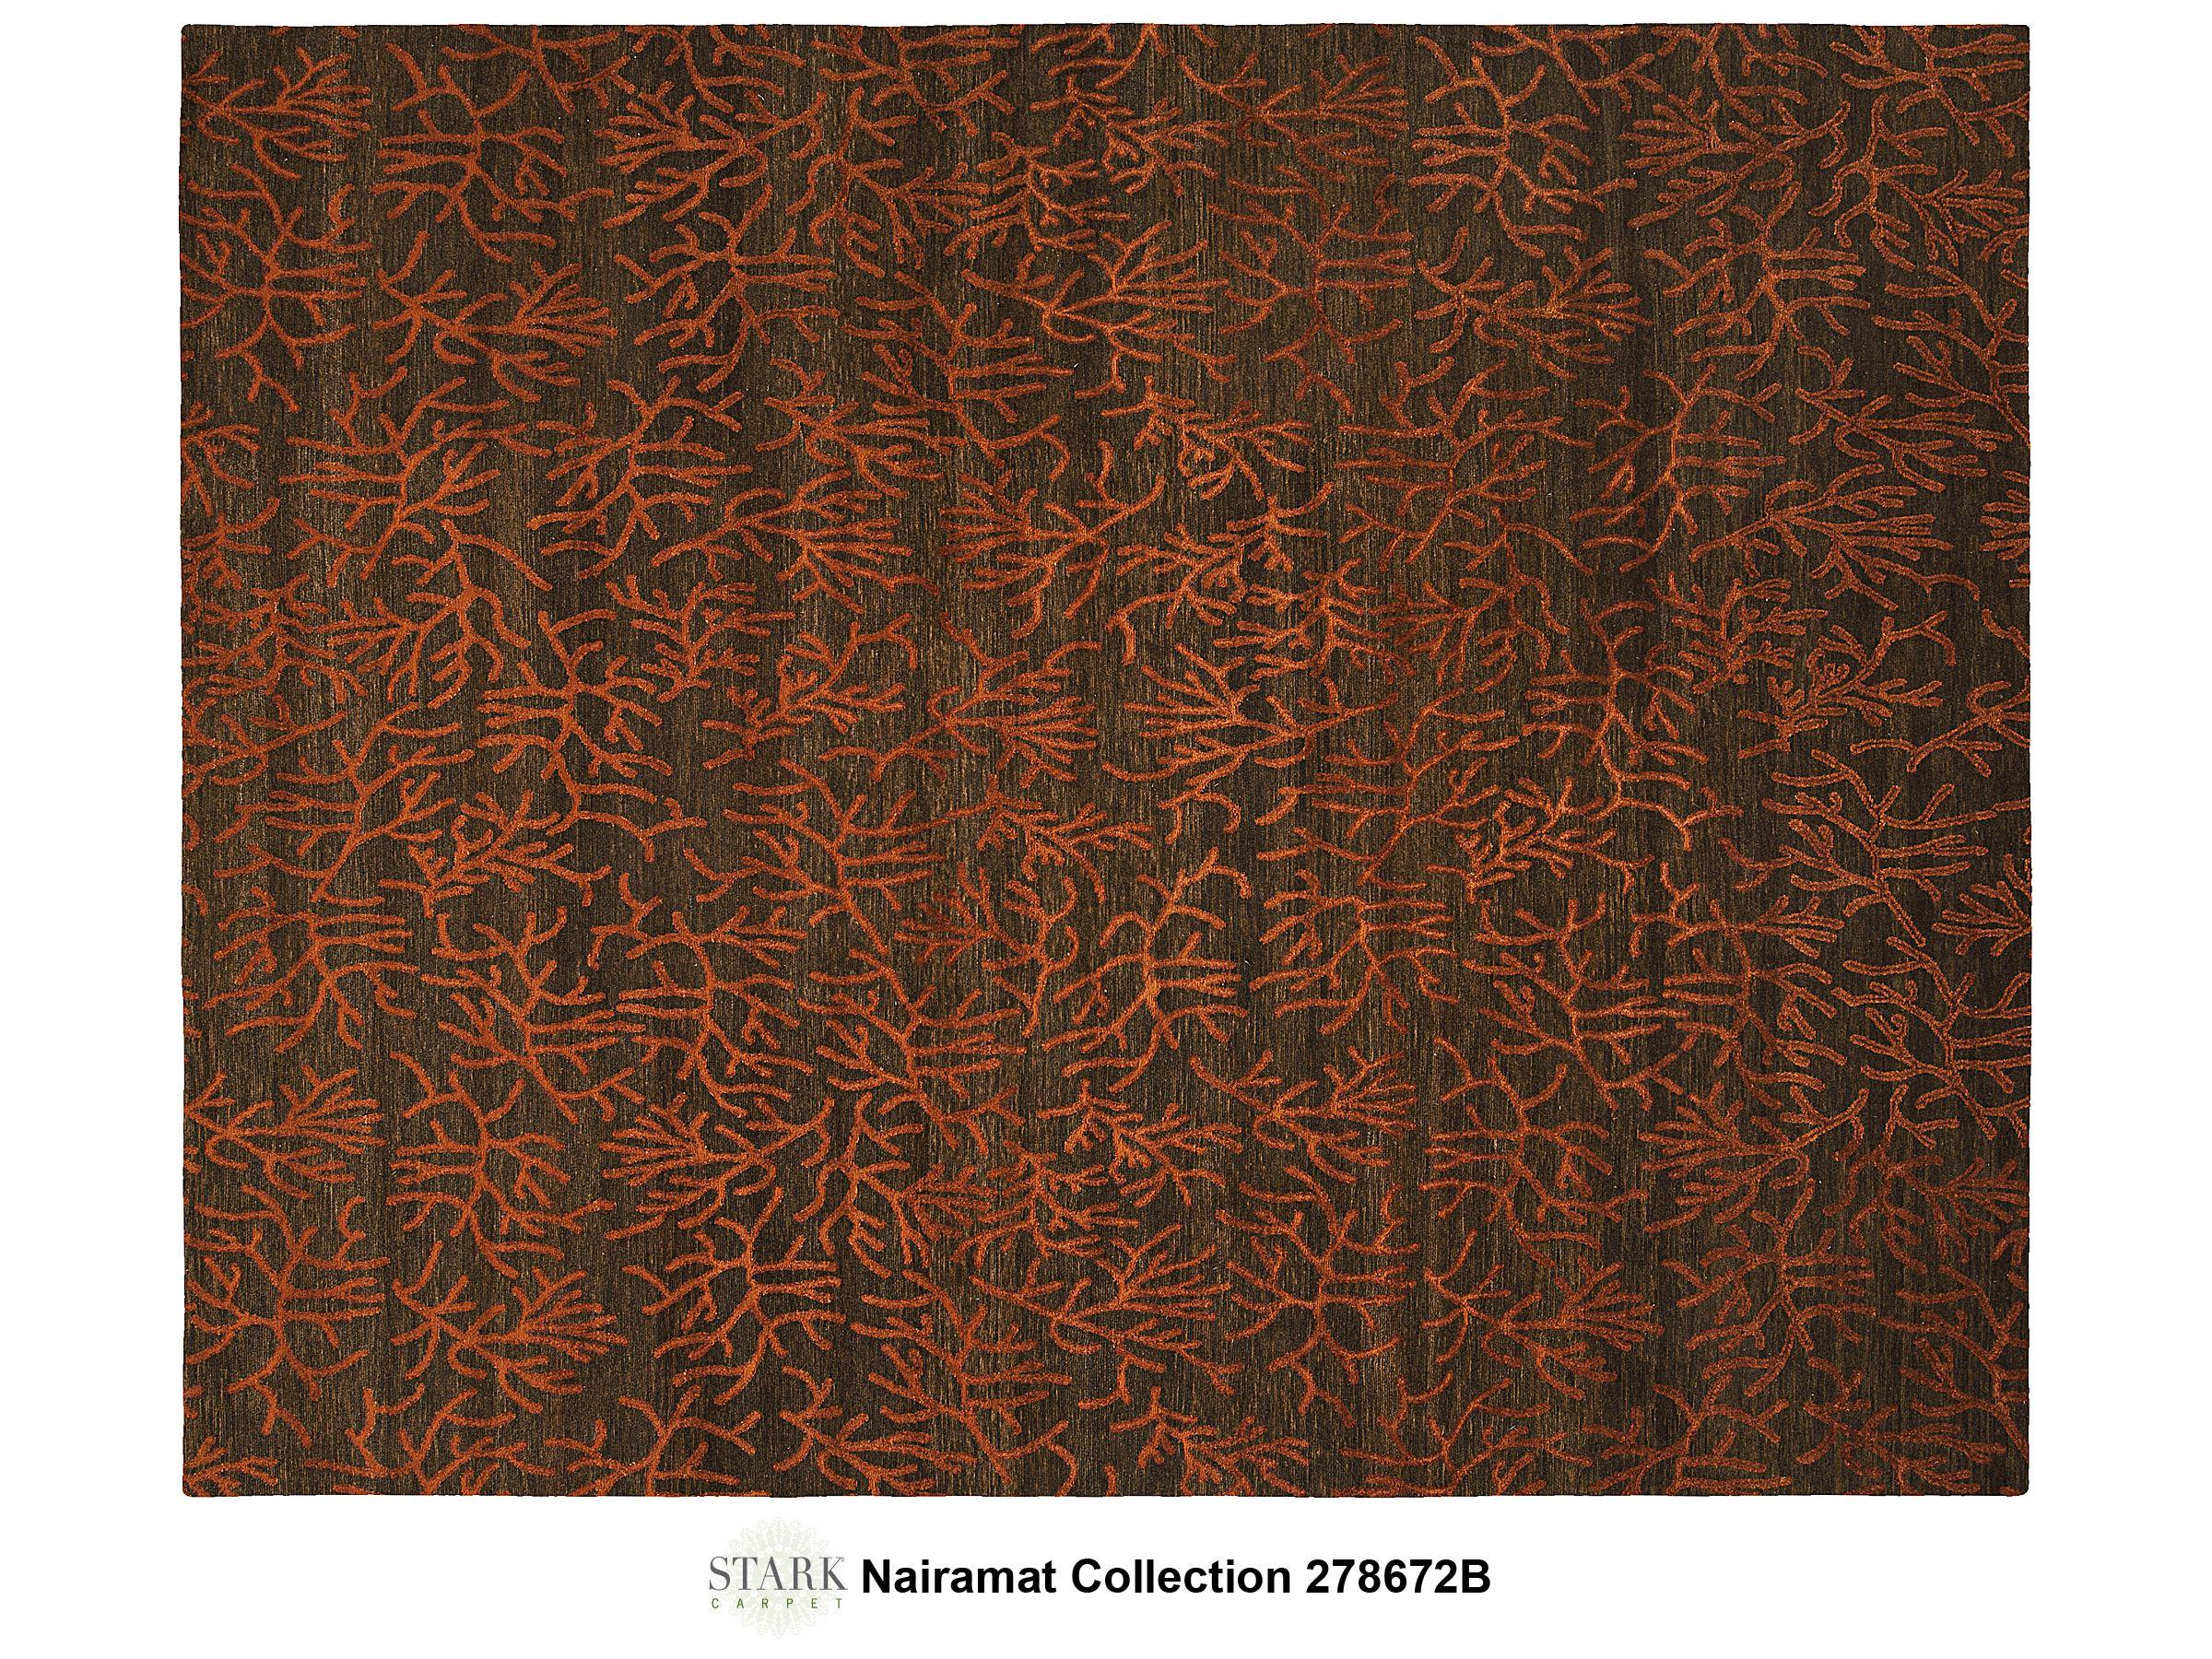 Nairamat Collection, Nullstark Carpet Rugs on carpet